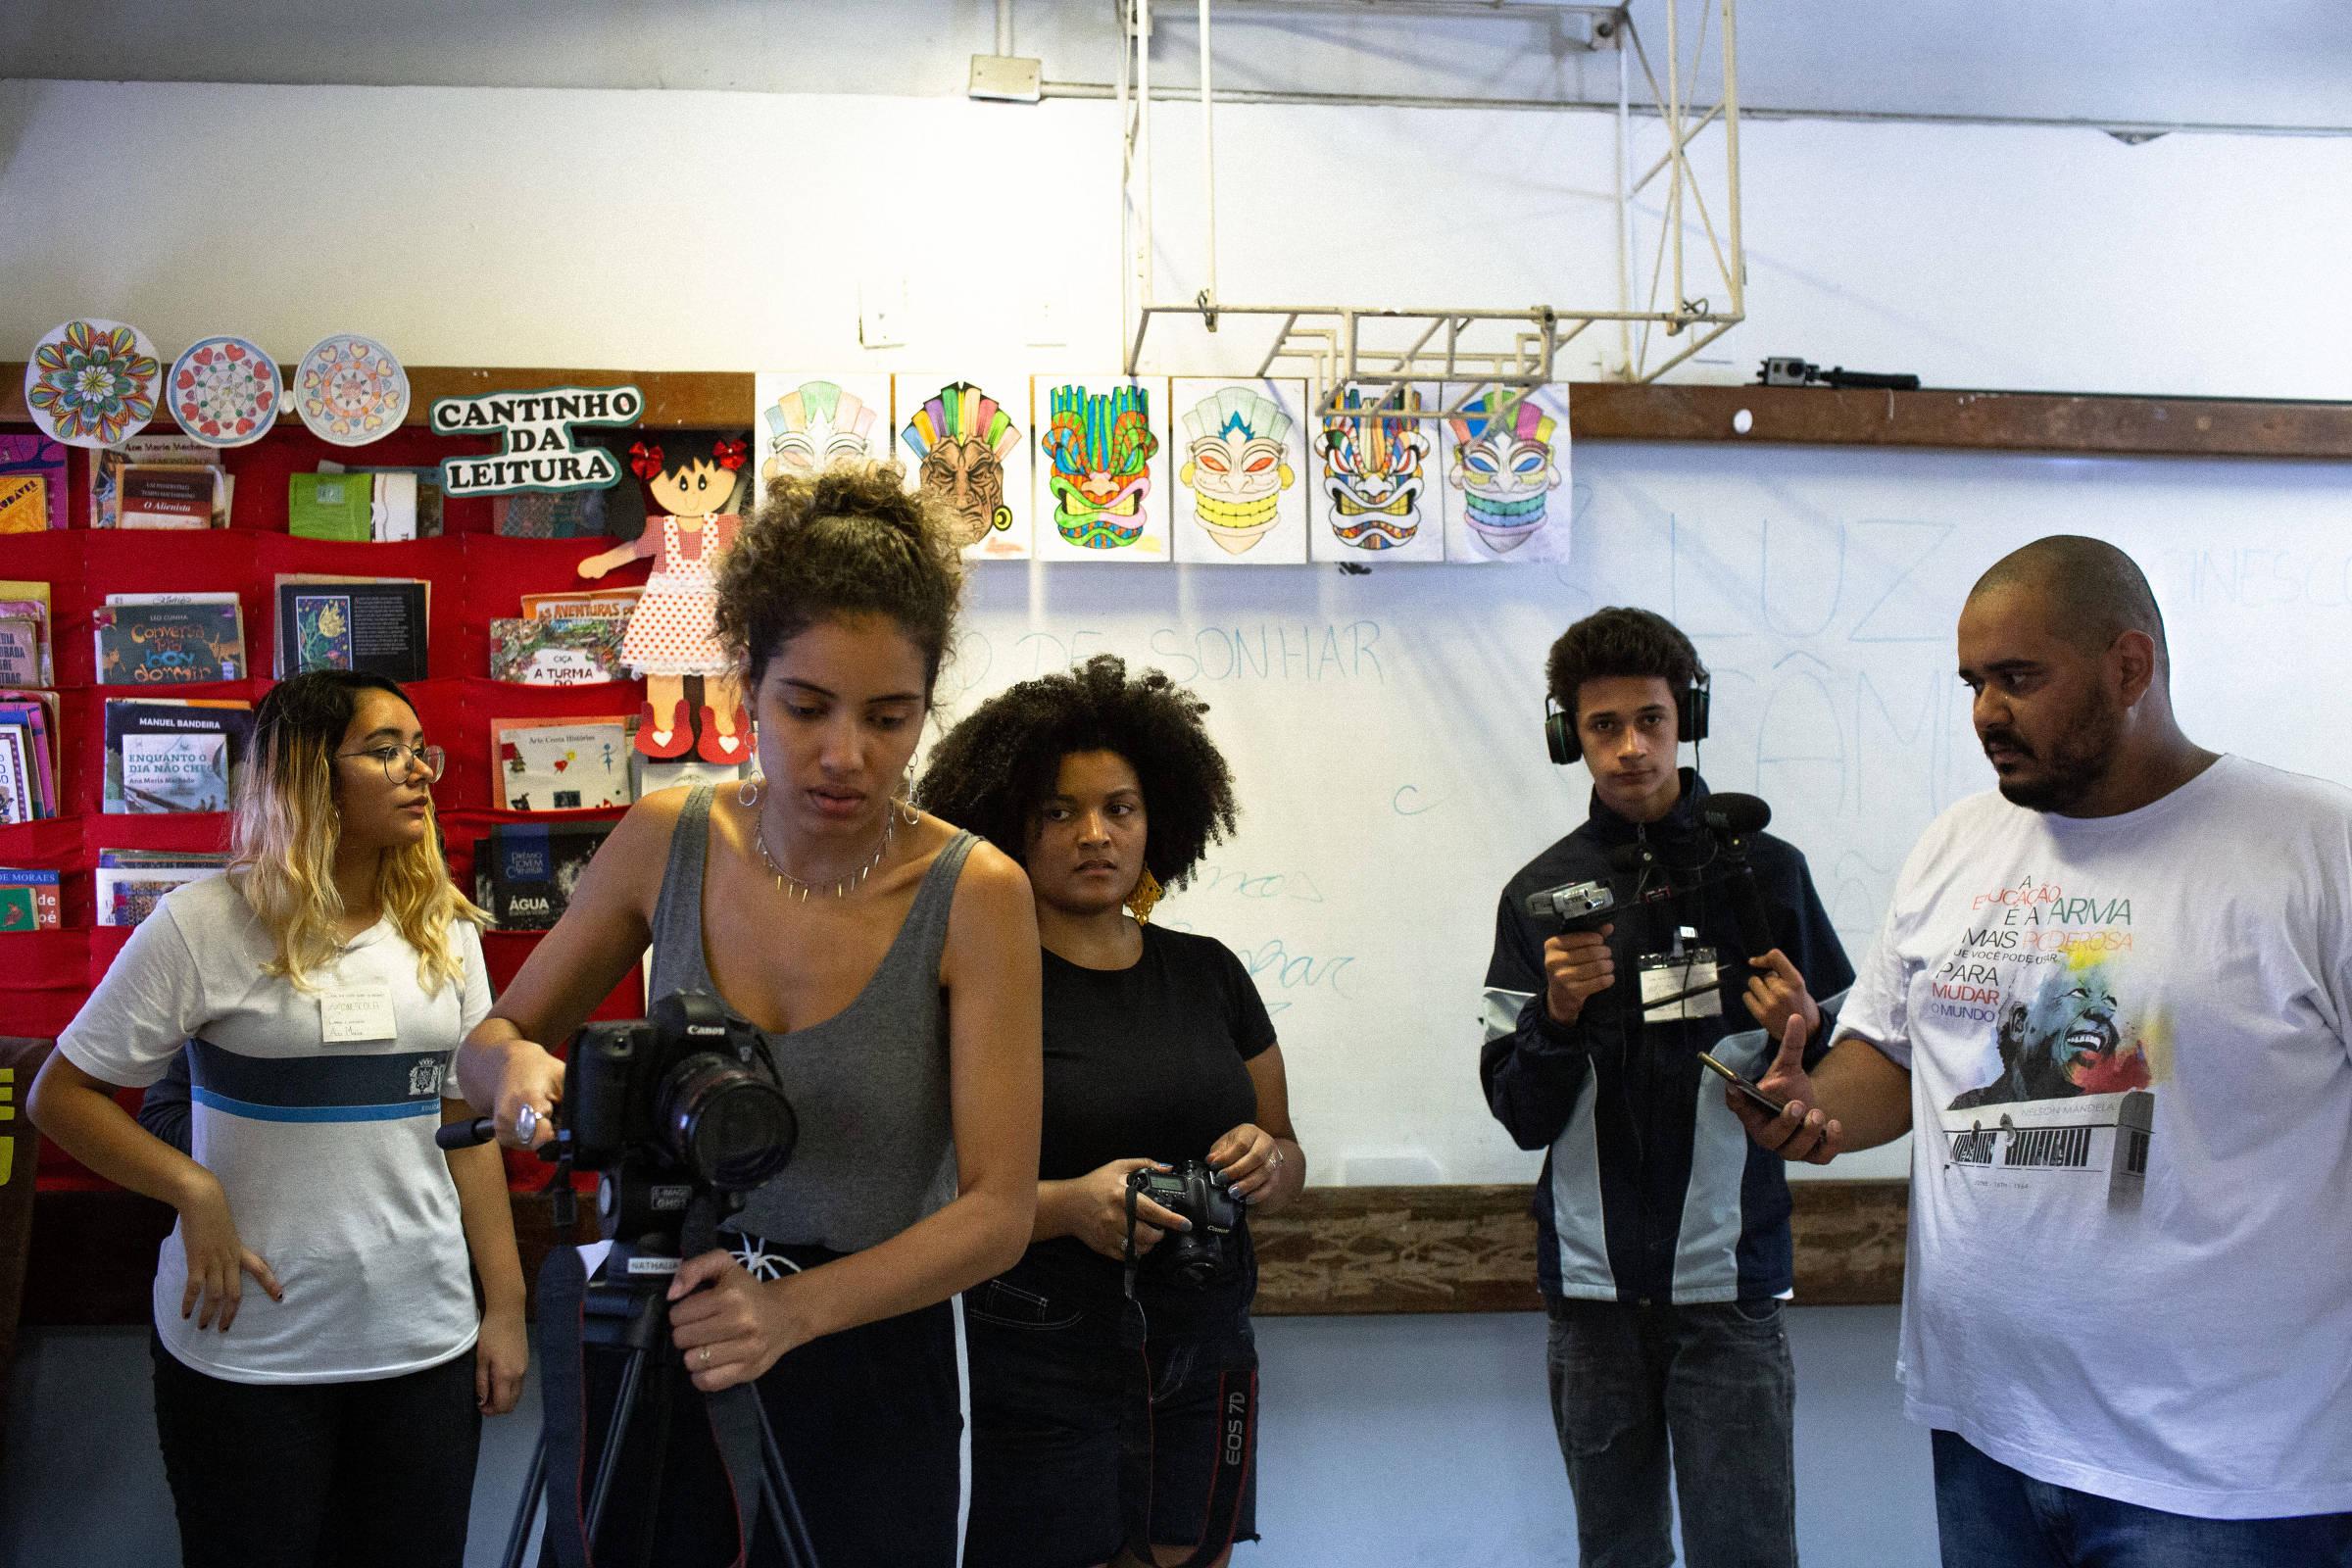 Sem nunca terem ido a cinema, alunos de projeto no Rio aprendem a fazer filmes